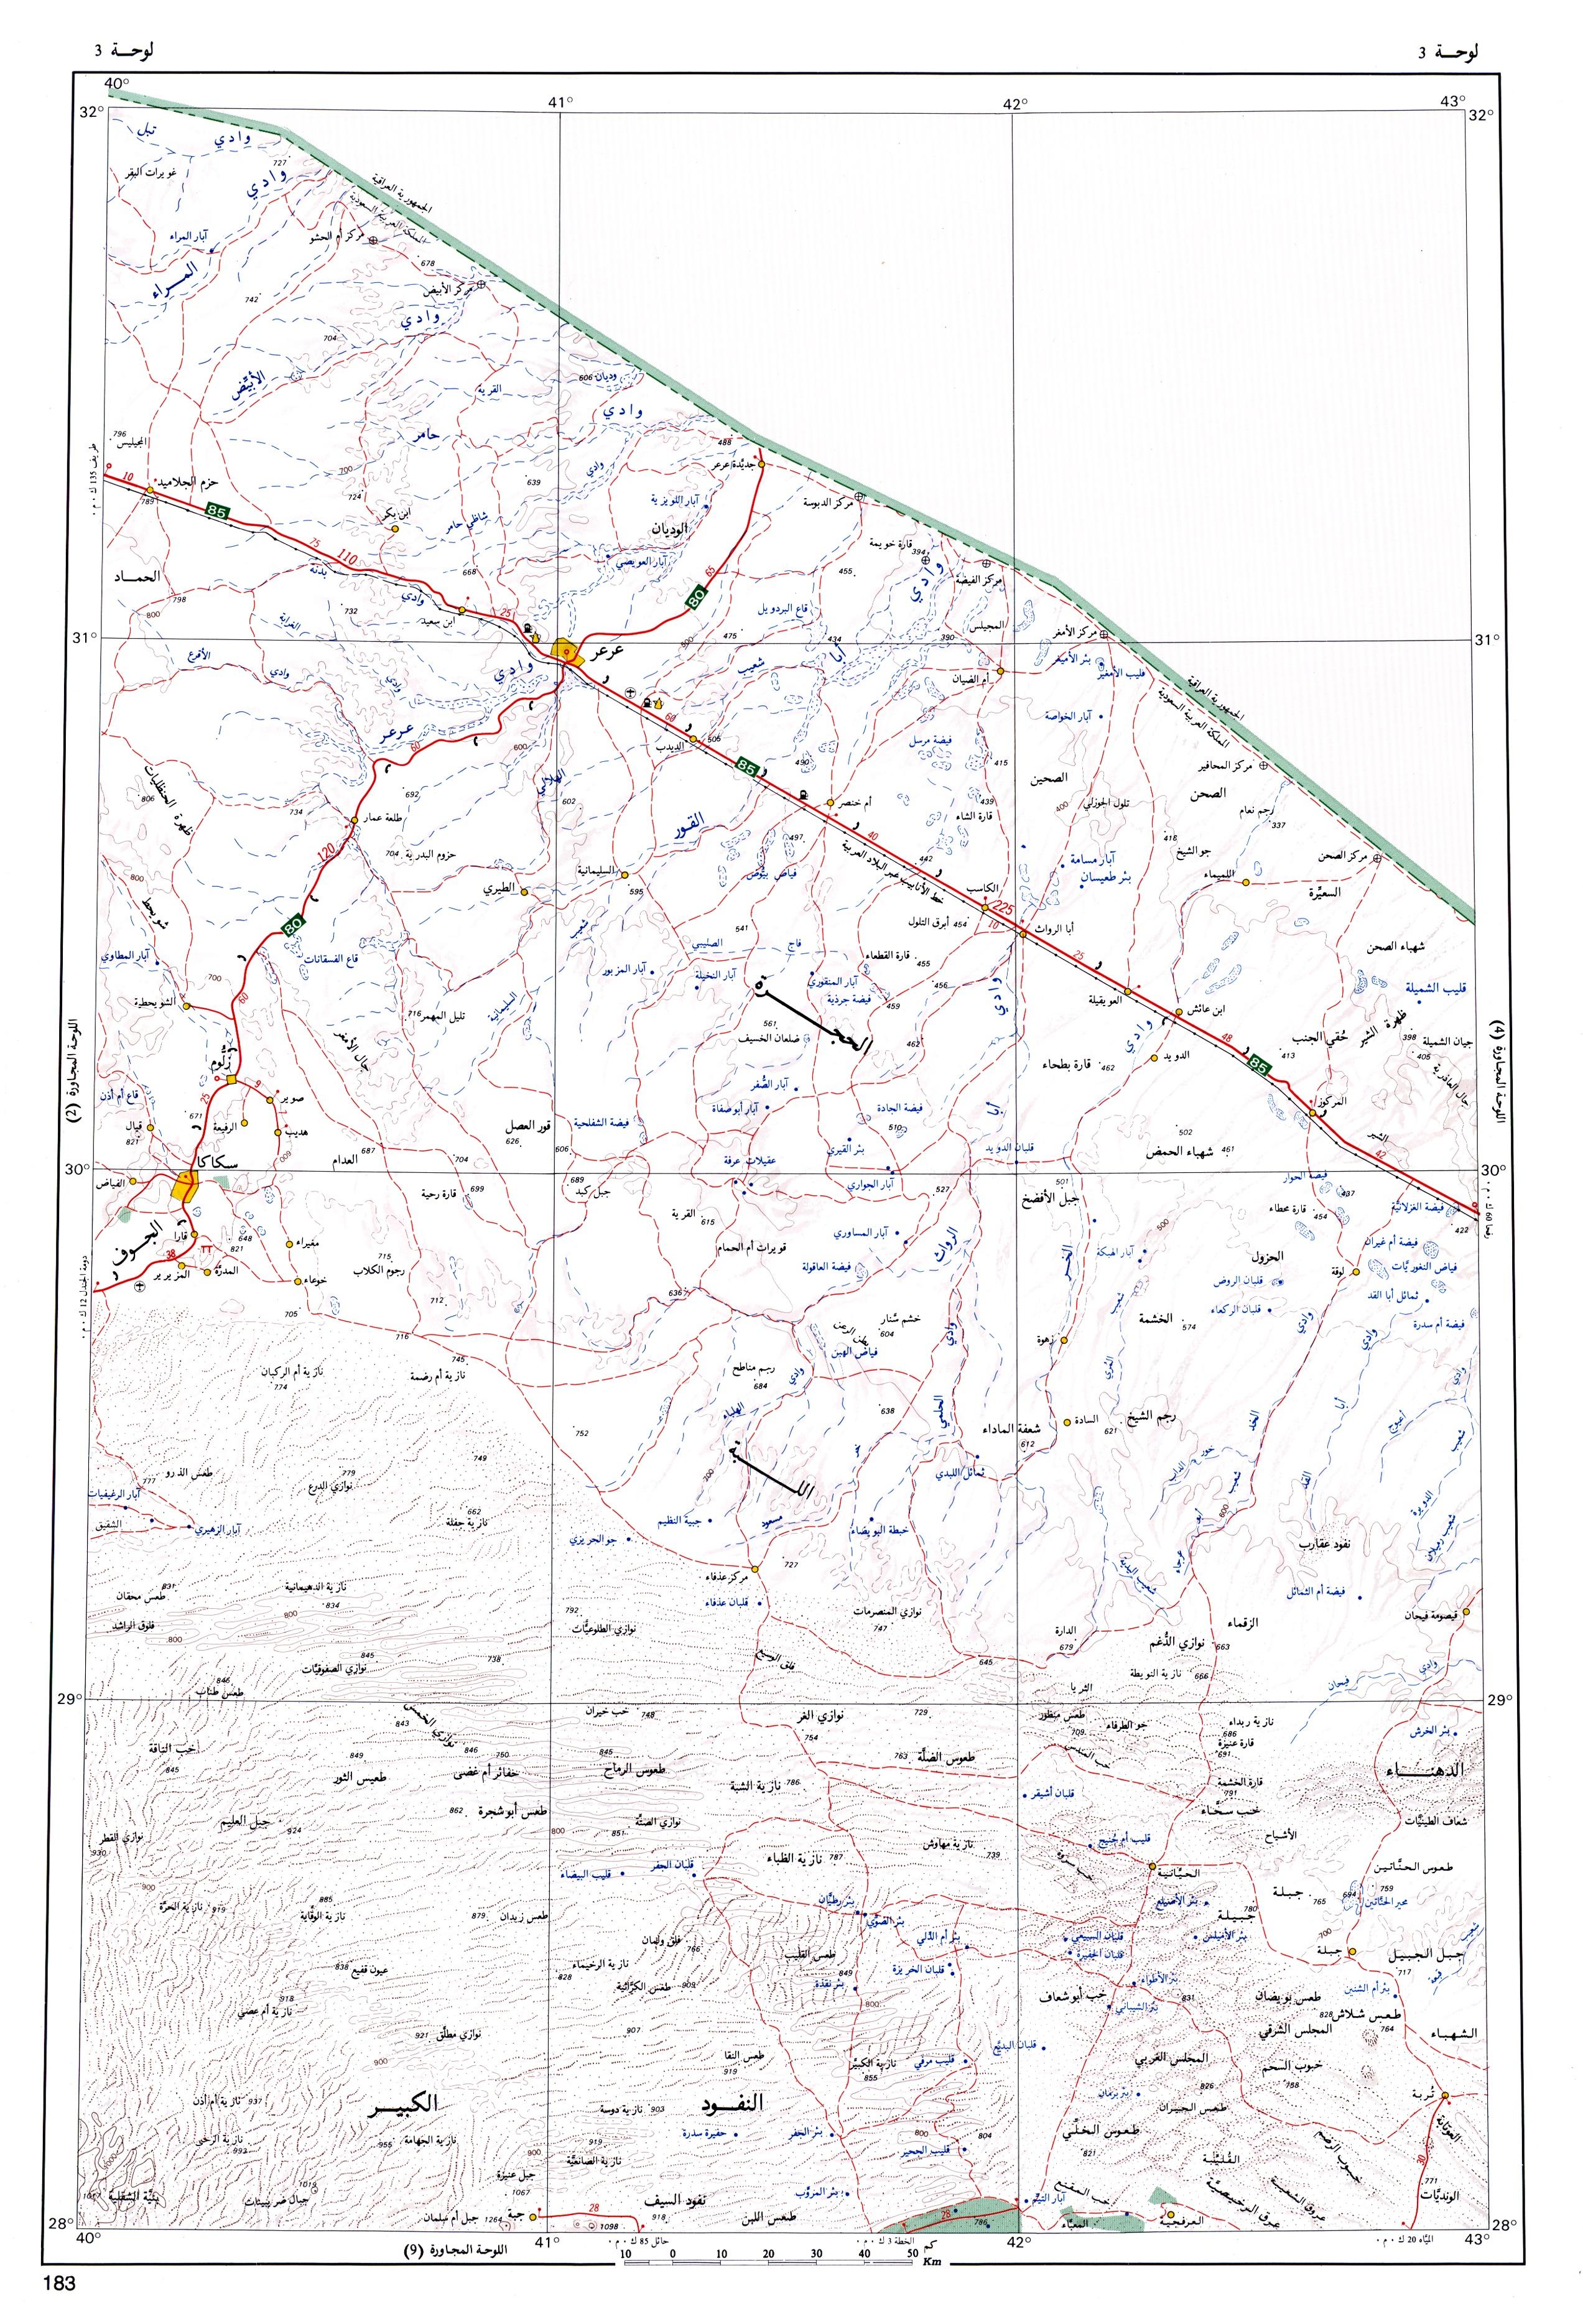 خرائط تفصيليه لمناطق اللمملكة العربية Fig-03.jpg